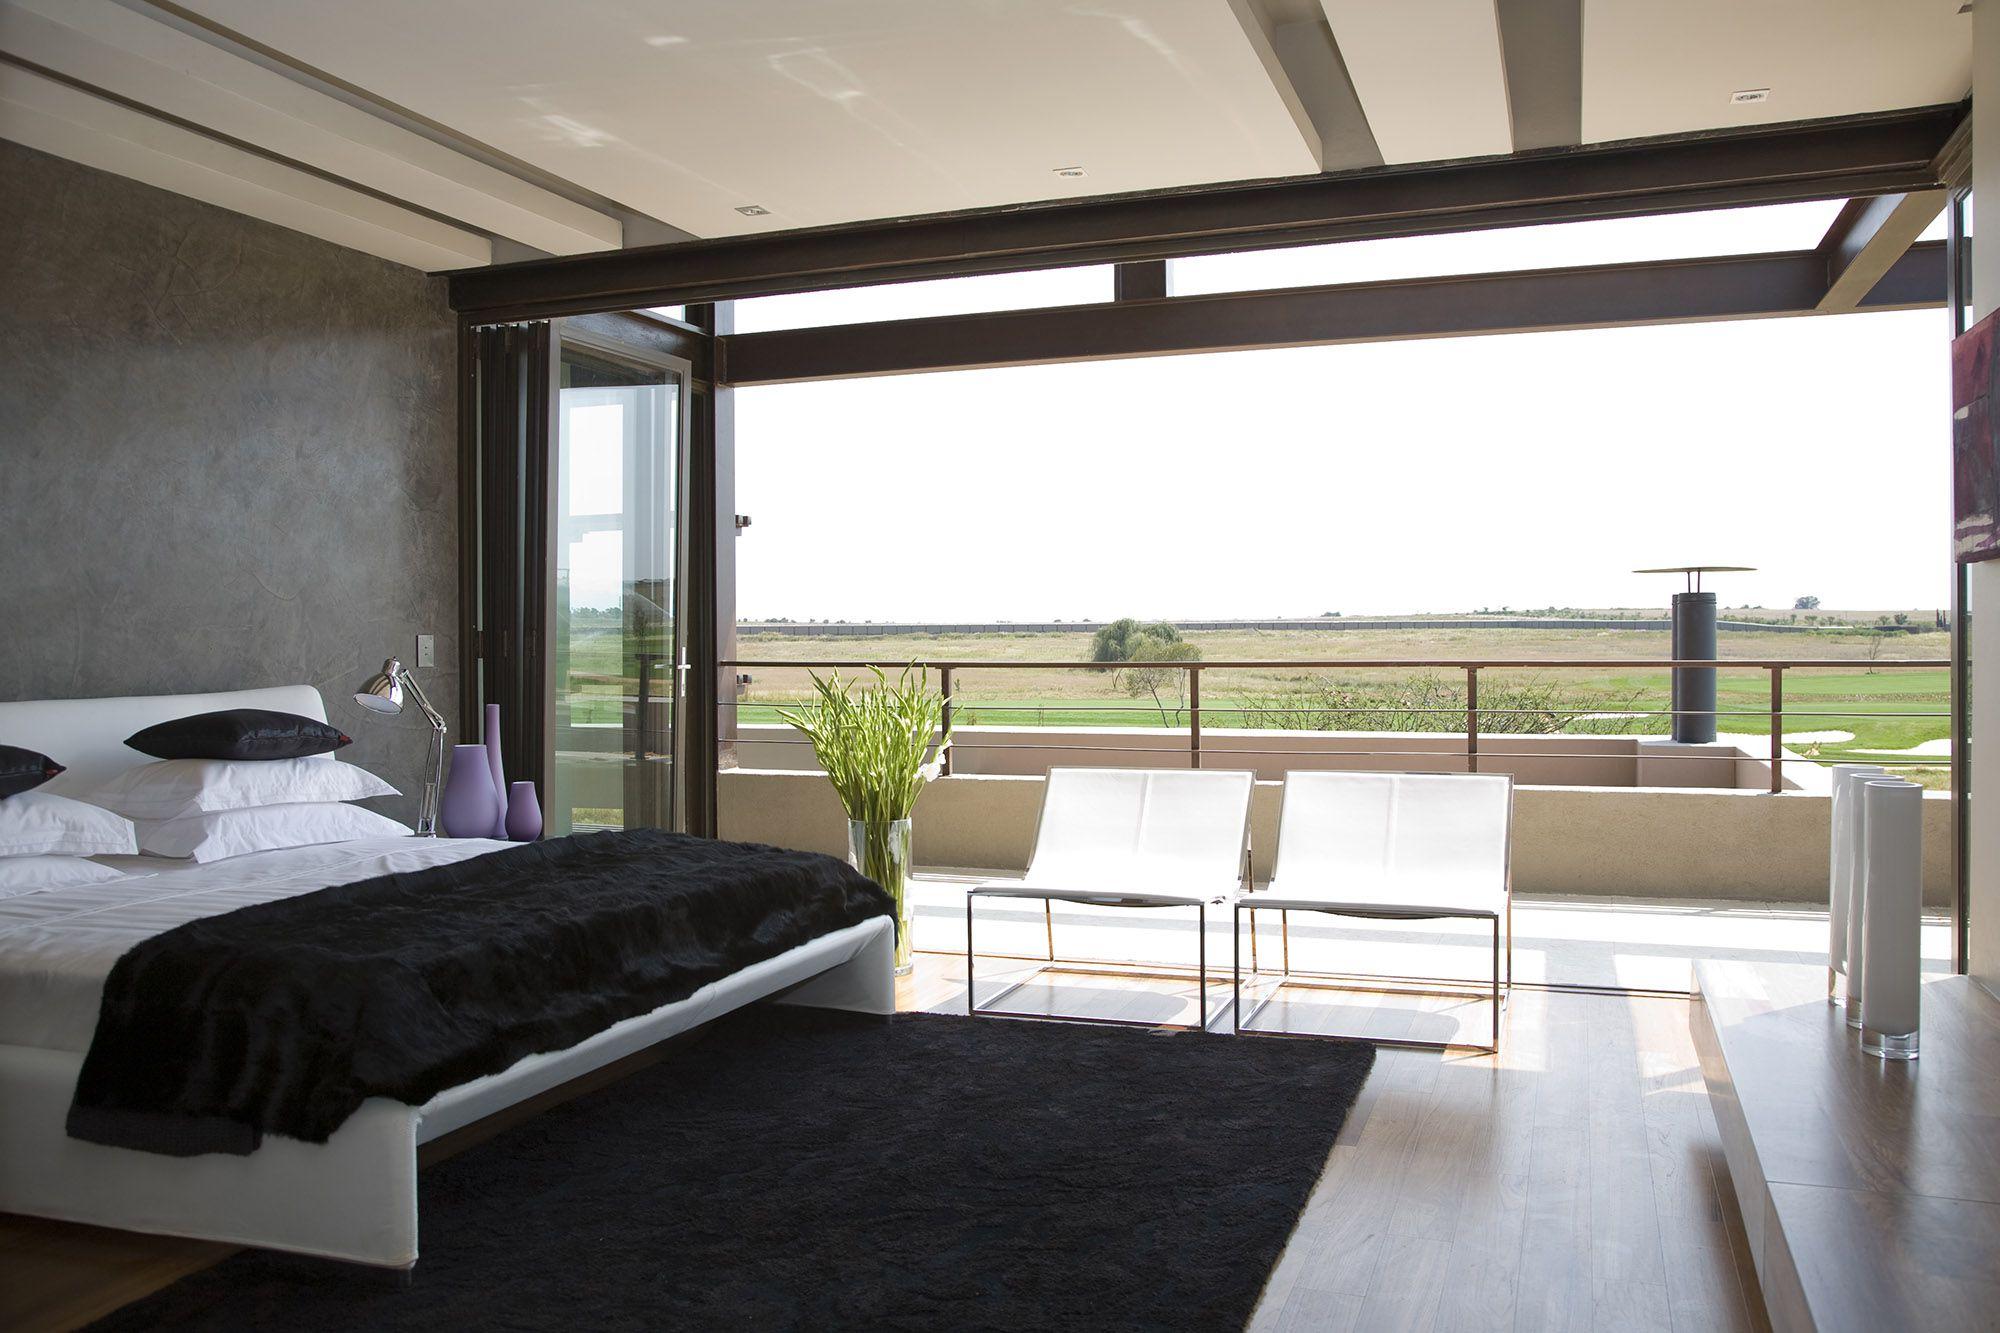 Serengeti Designed by Rudolph van der Meulen 315